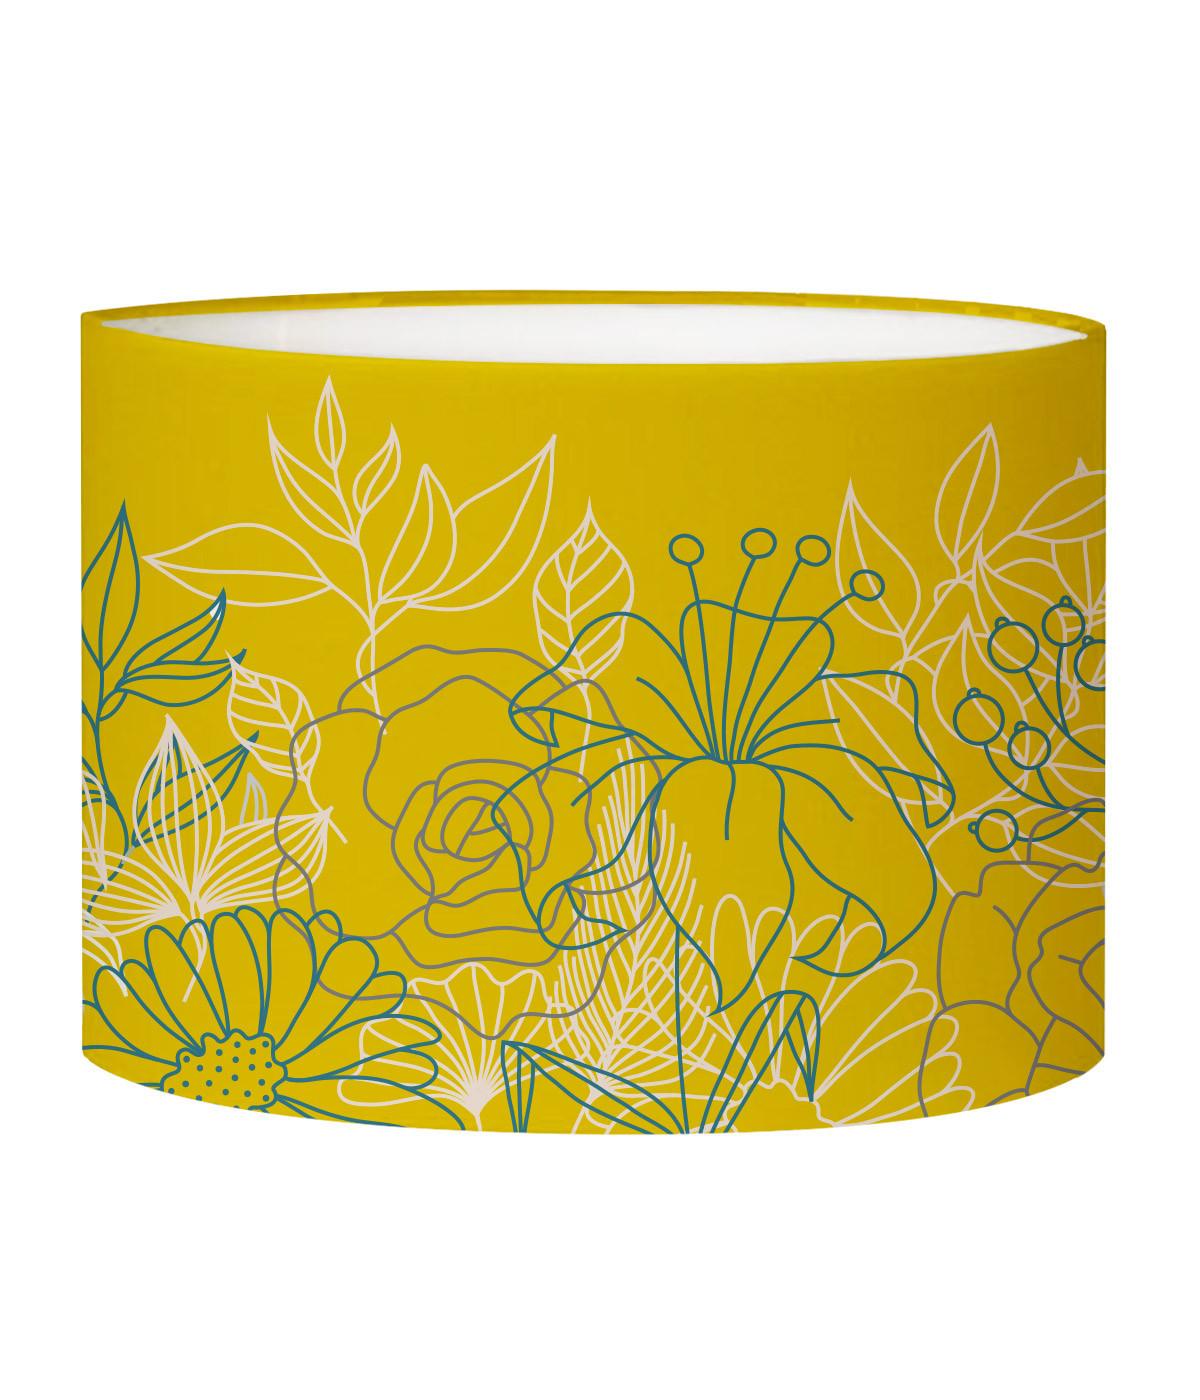 Abat-jour lampadaire jaune moutarde d 45 cm